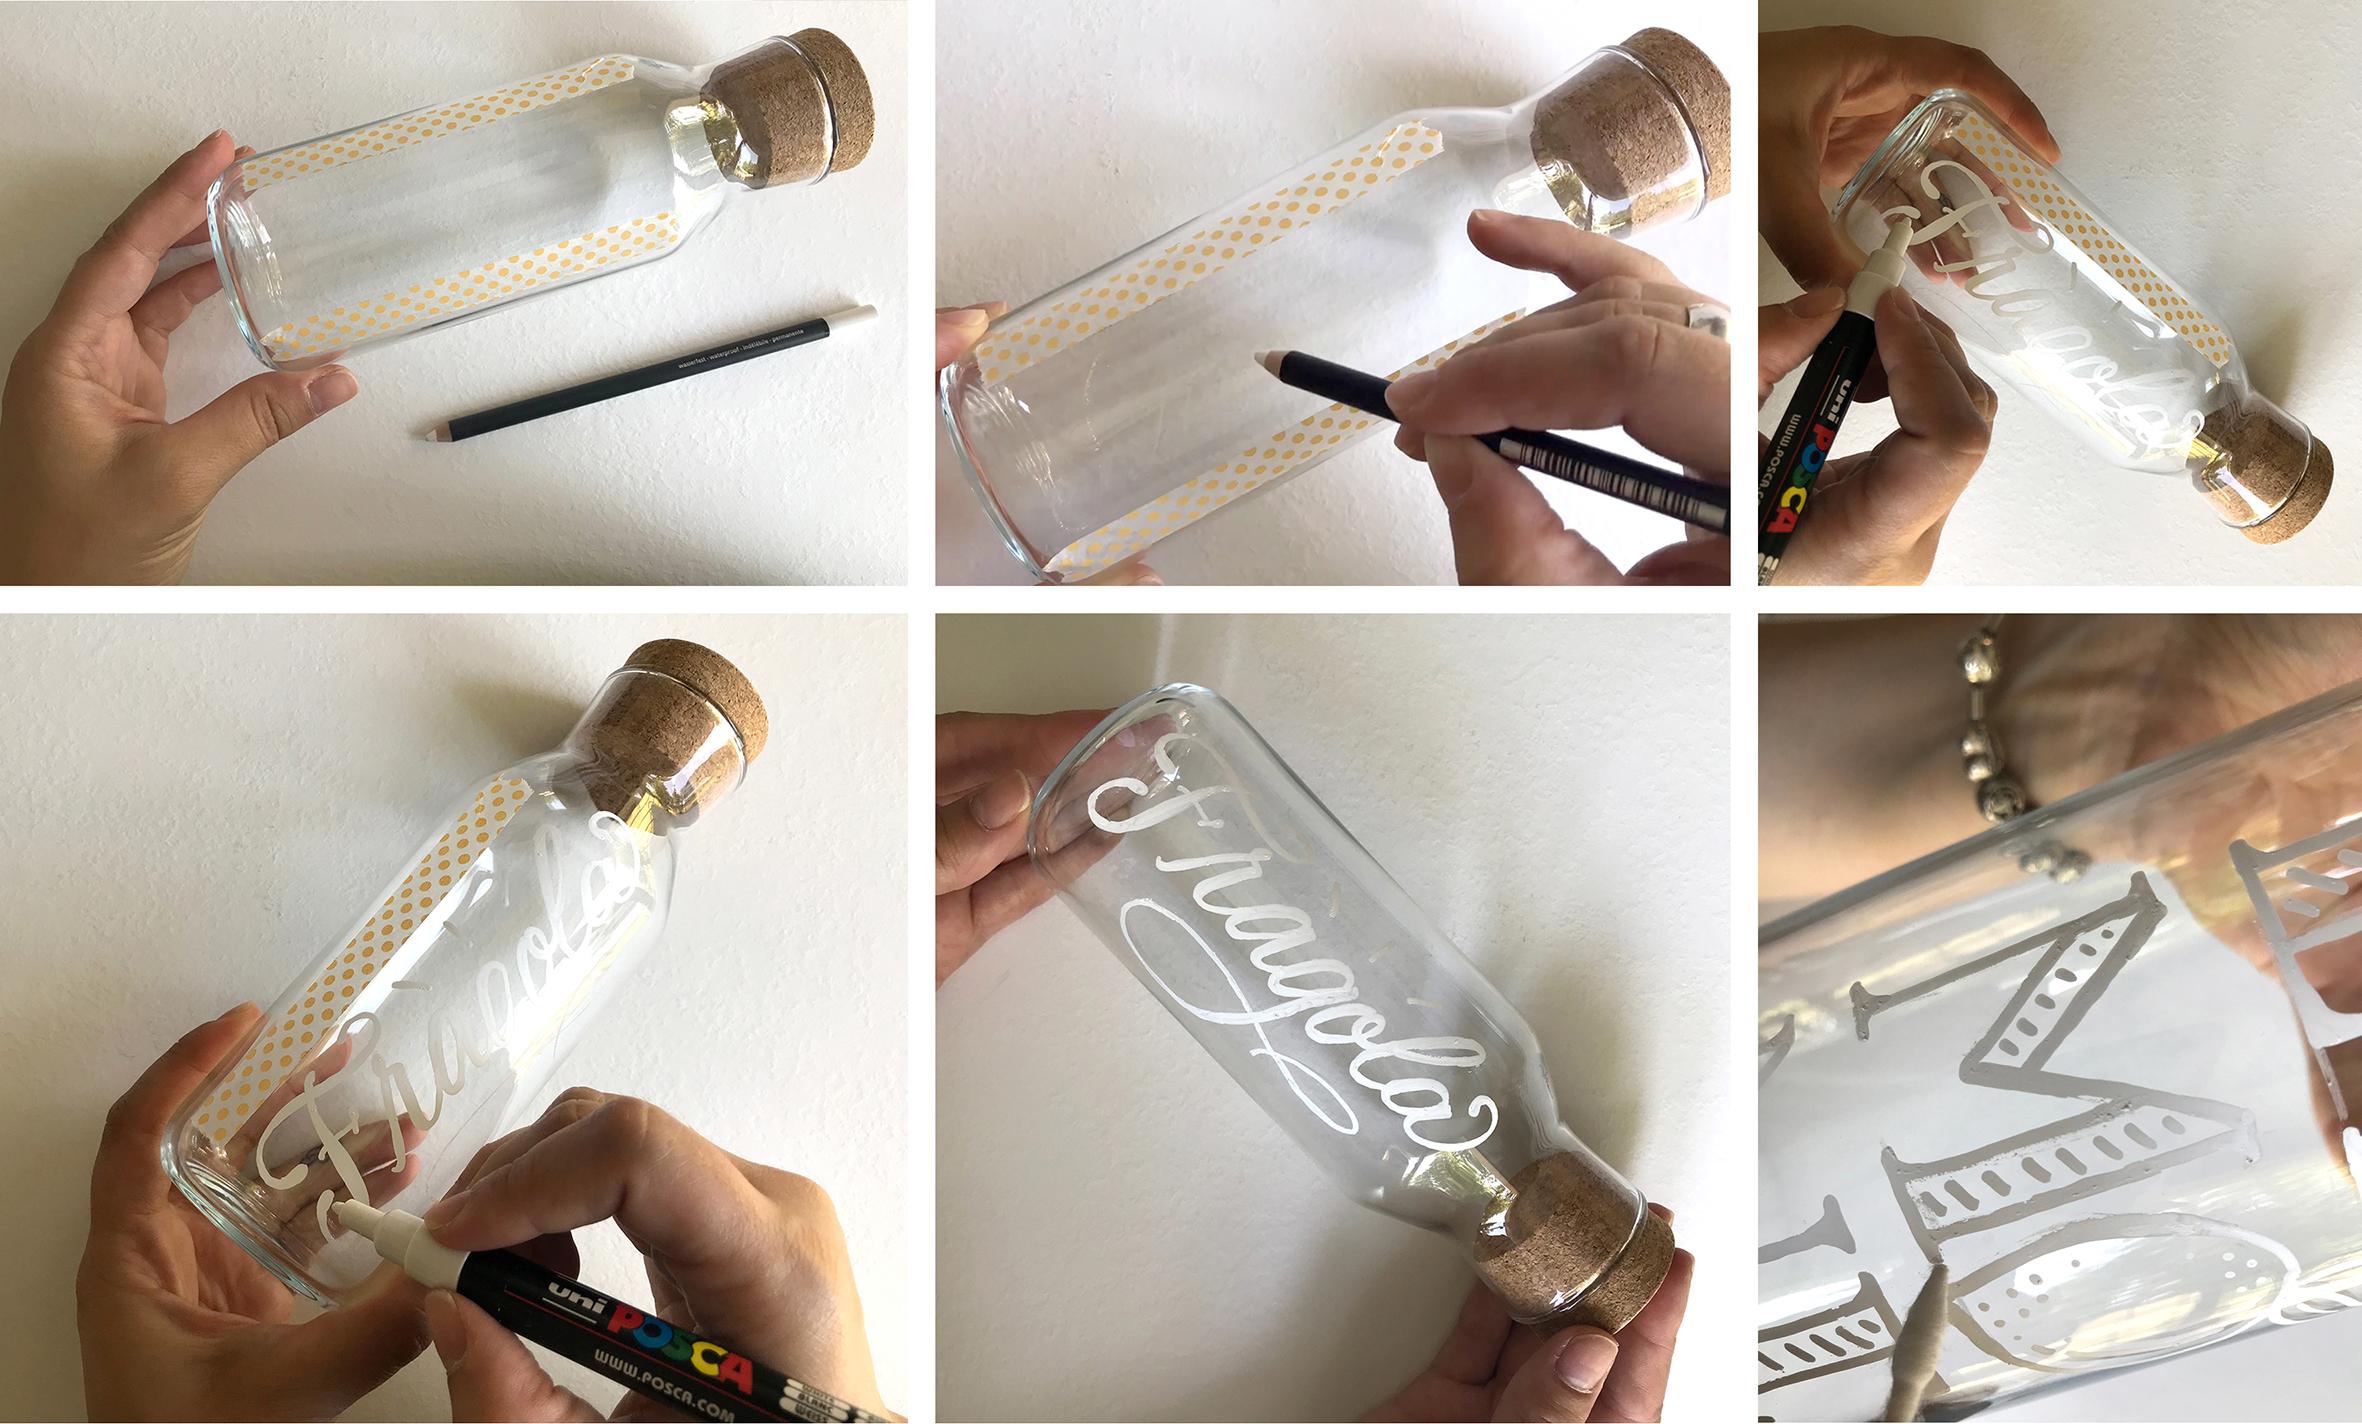 I passaggi per realizzare una scritta su una bottiglia